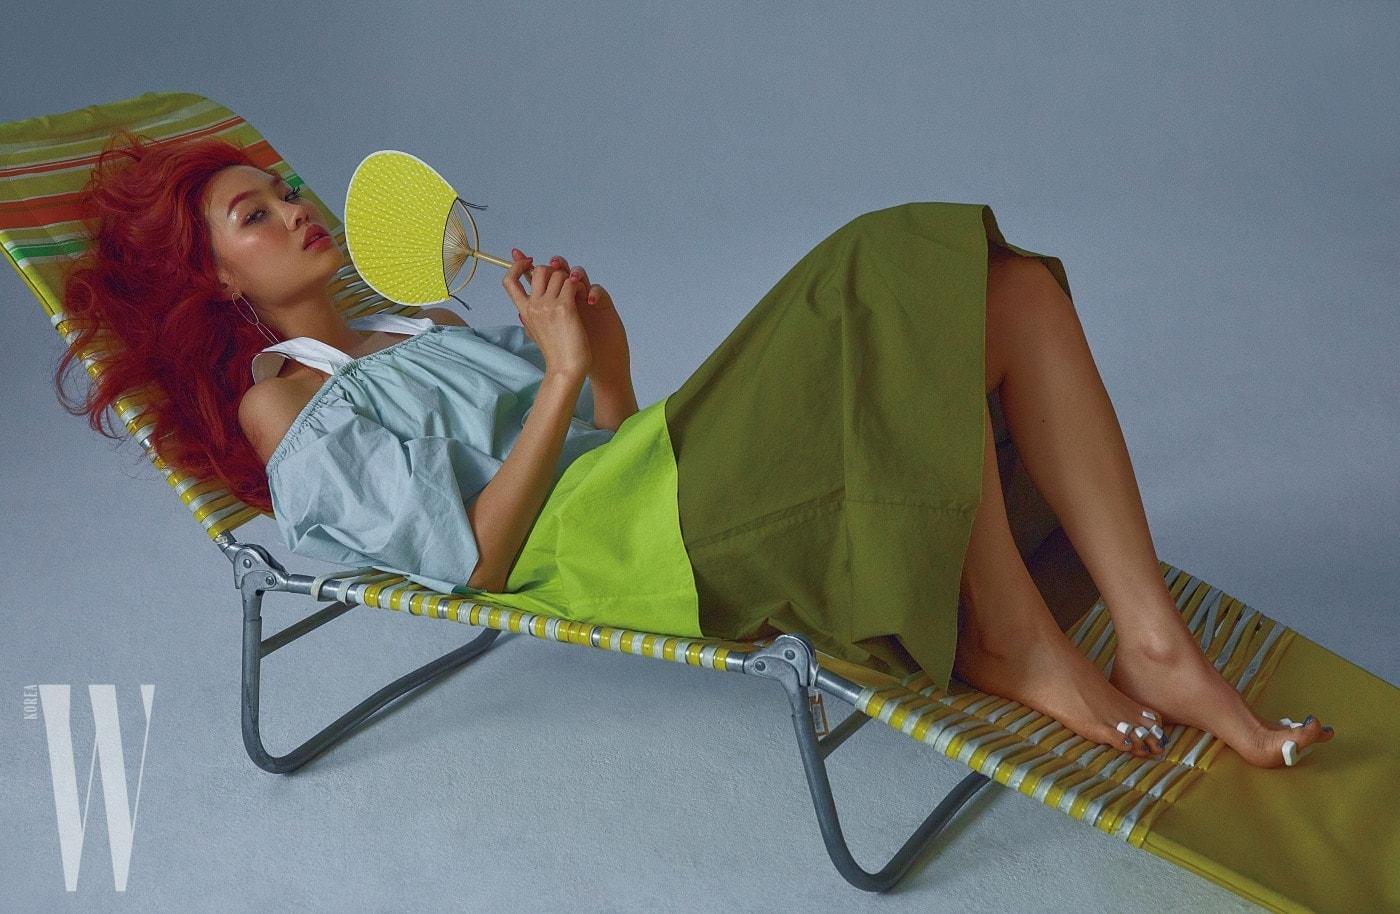 휴양지의 여유로움을 담은 드레스는 렉토 제품. 23만8천원. 실버 귀고리는 넘버링 제품. 13만원.